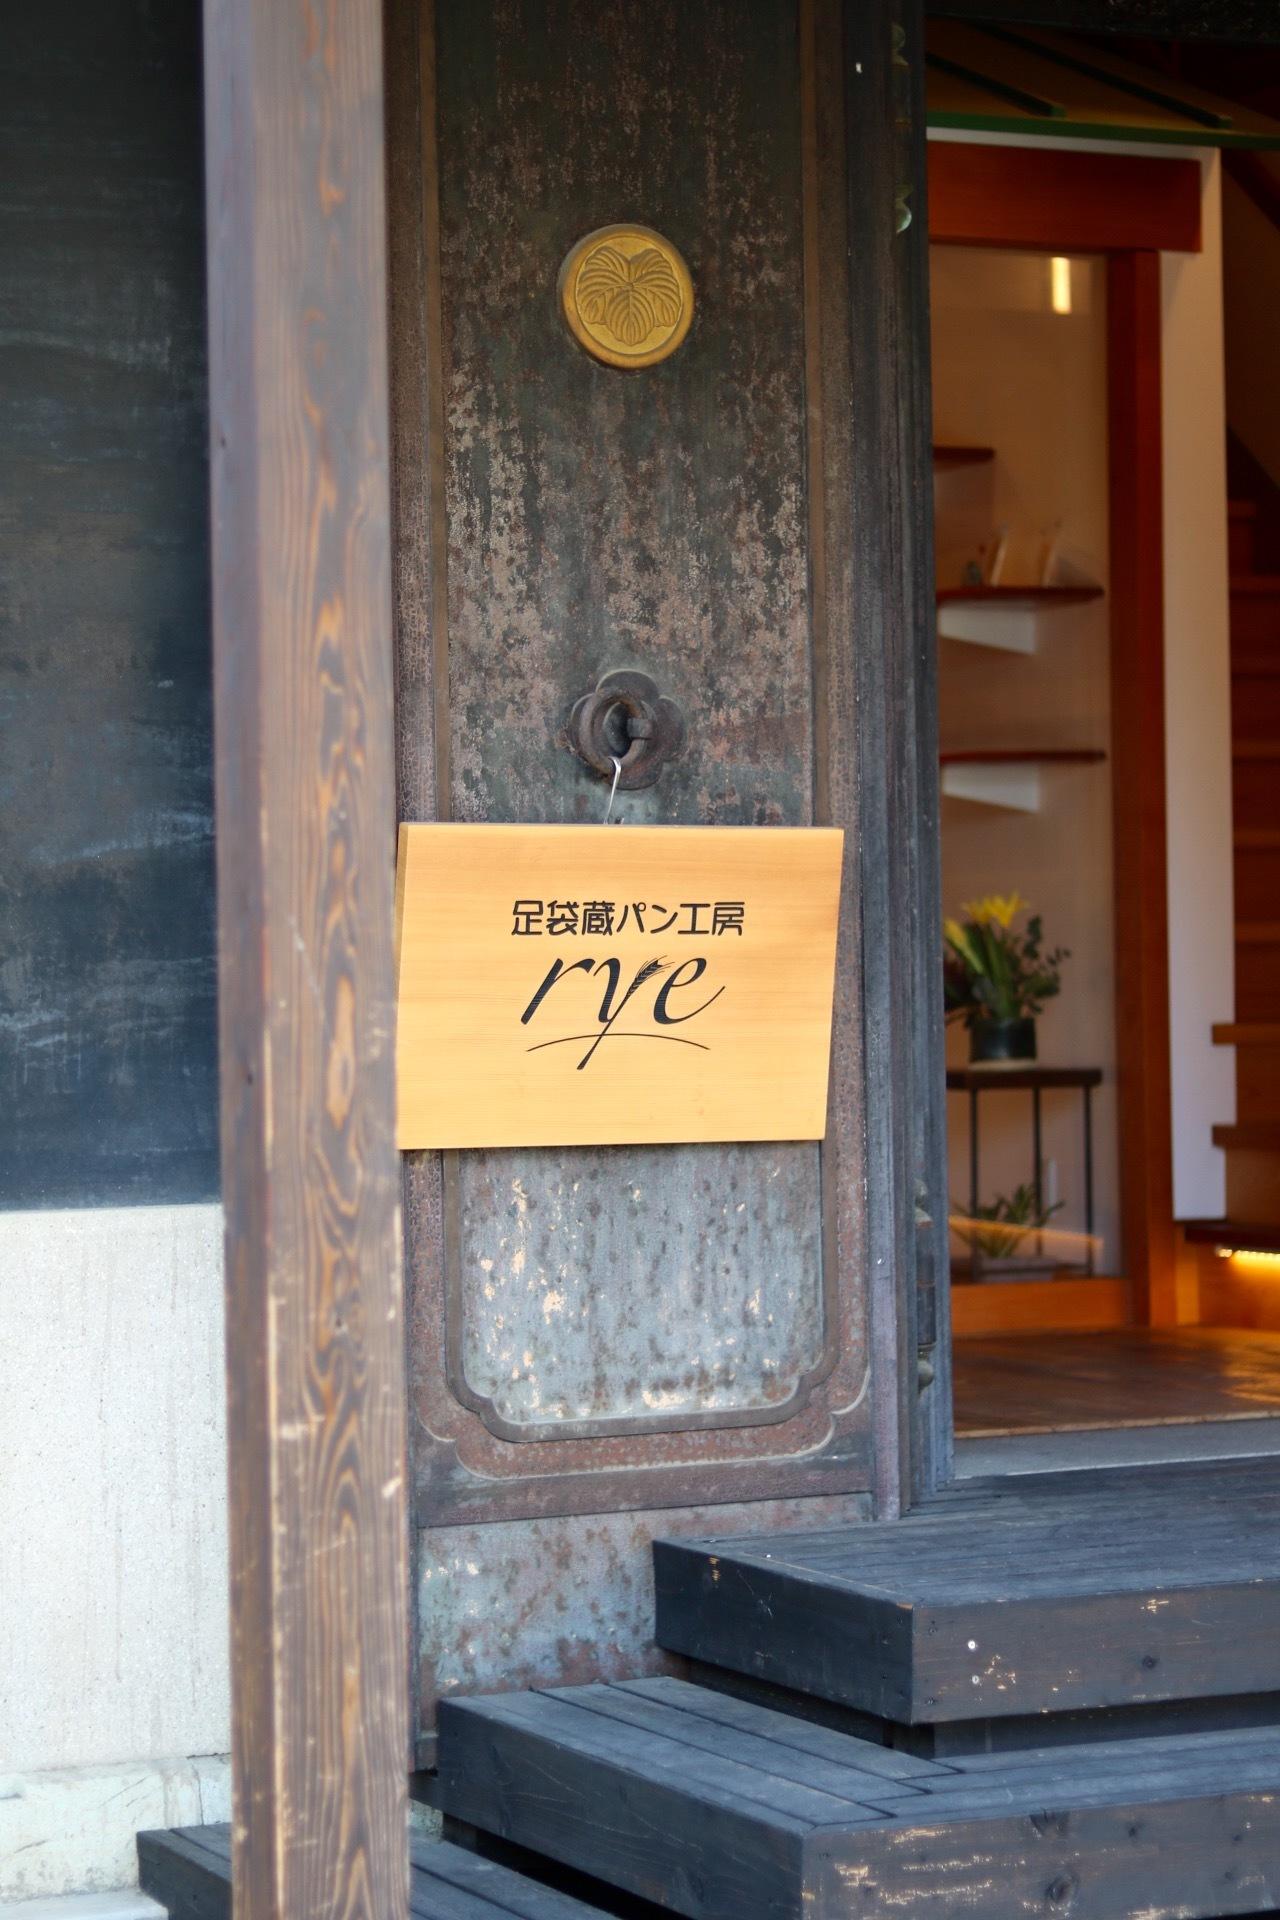 行田市の足袋蔵パン工房ryeさん_c0366722_21012662.jpeg